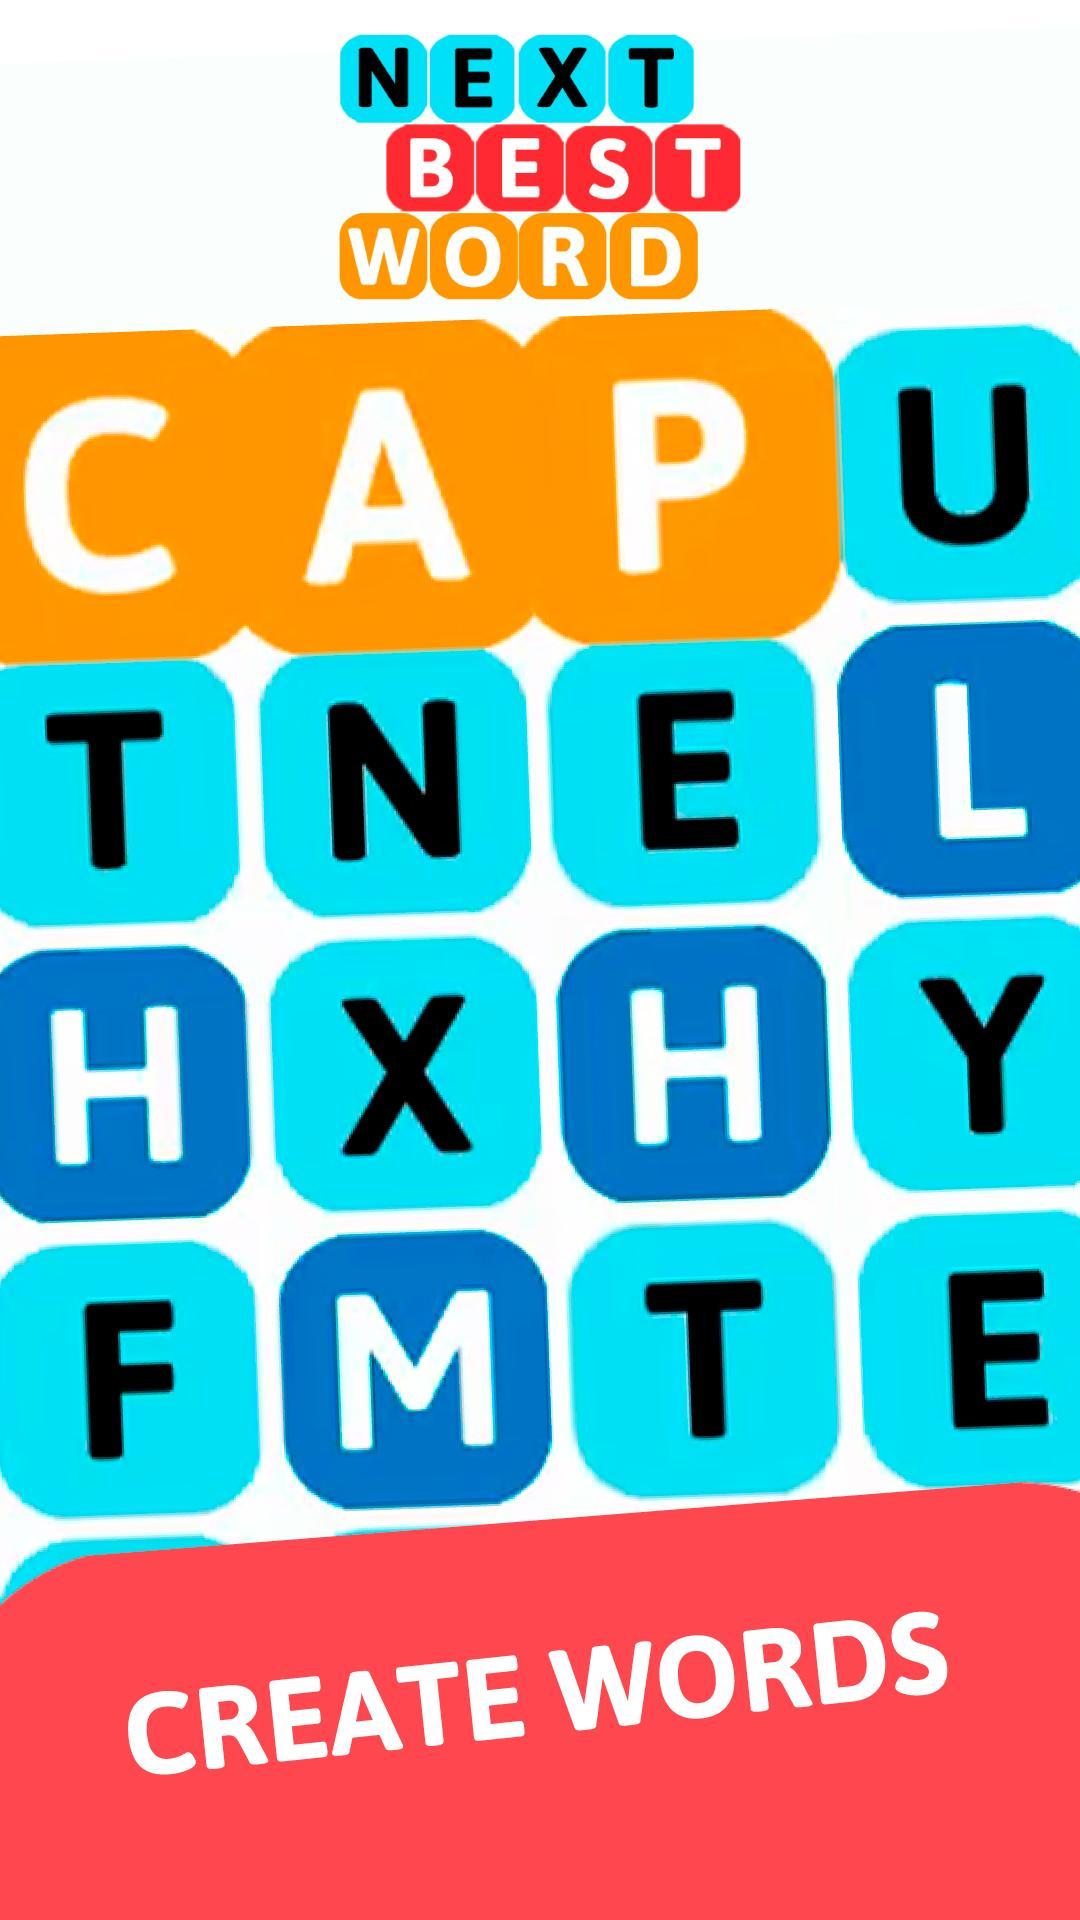 Next Best Word screenshot 3